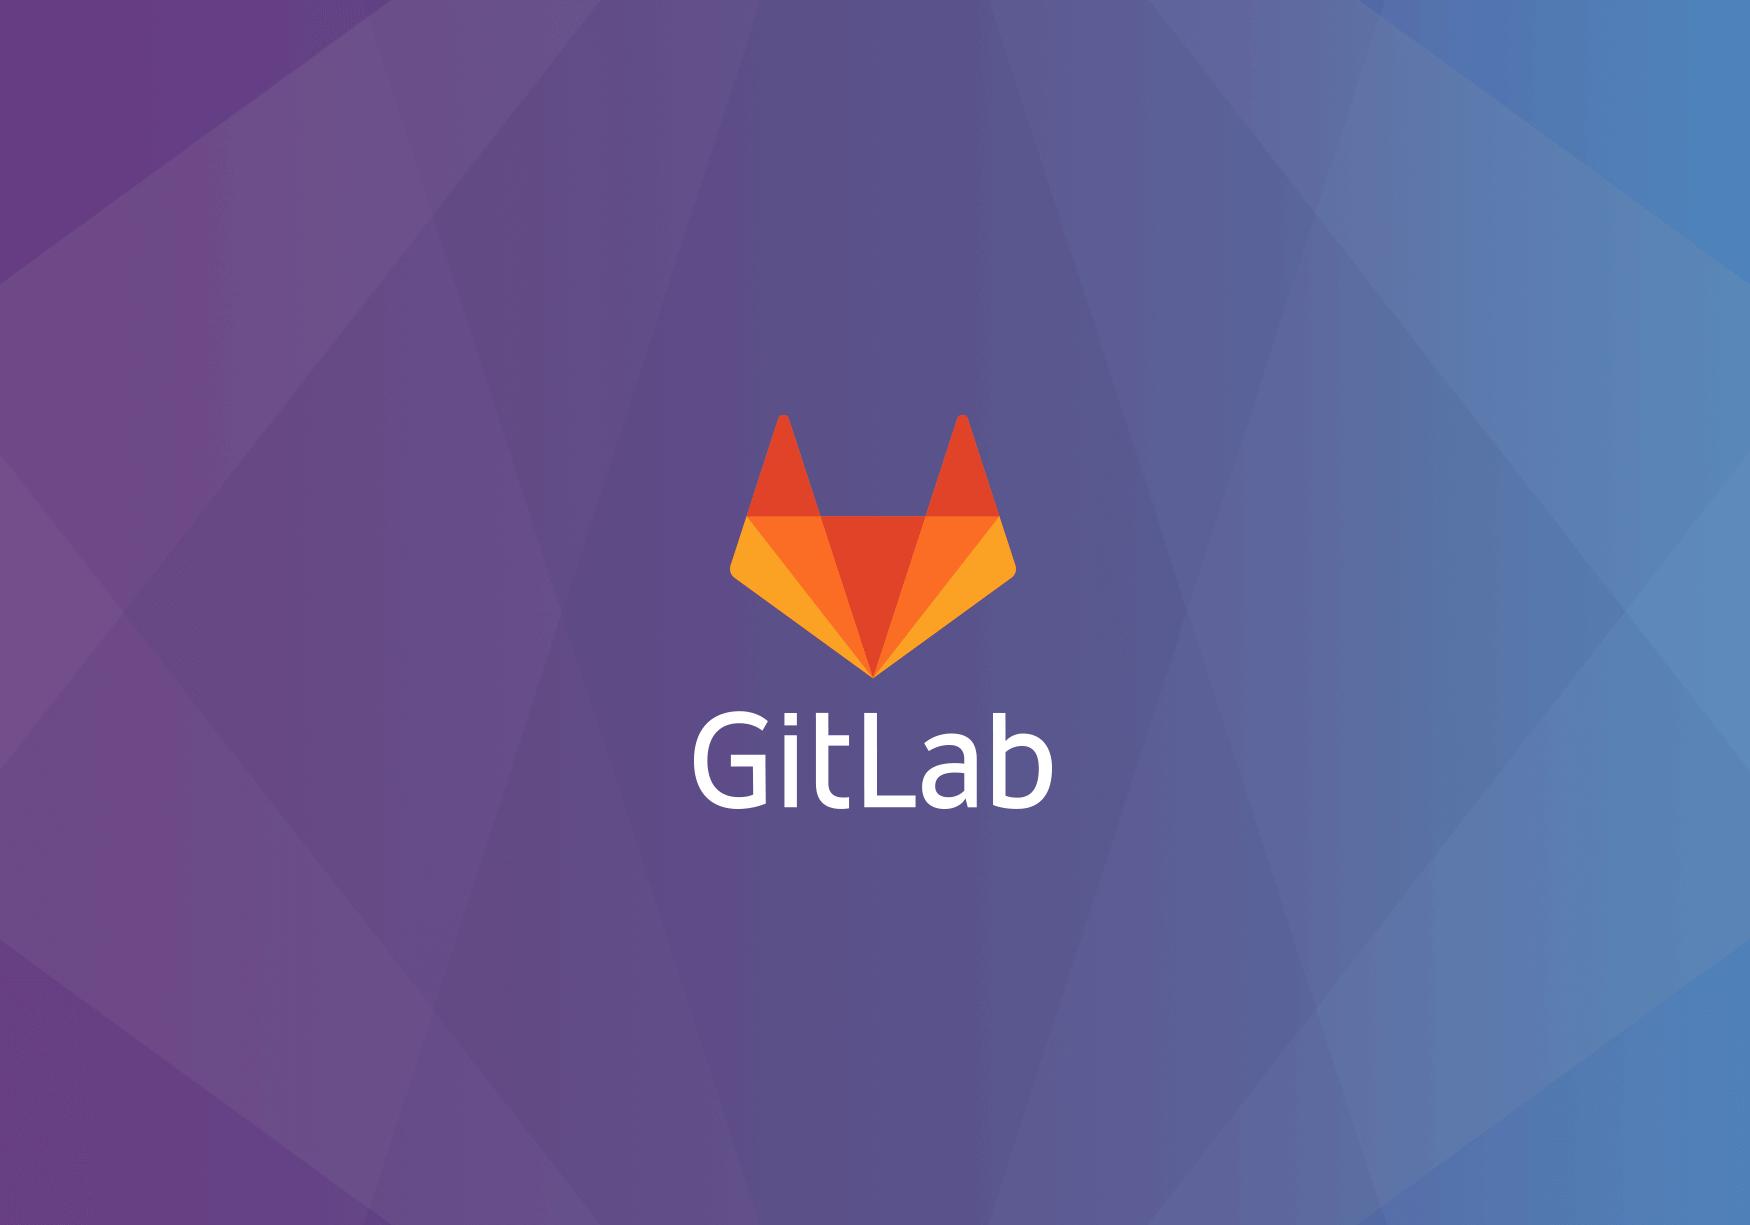 Hướng dẫn cài đặt GitLab trên Debian 9